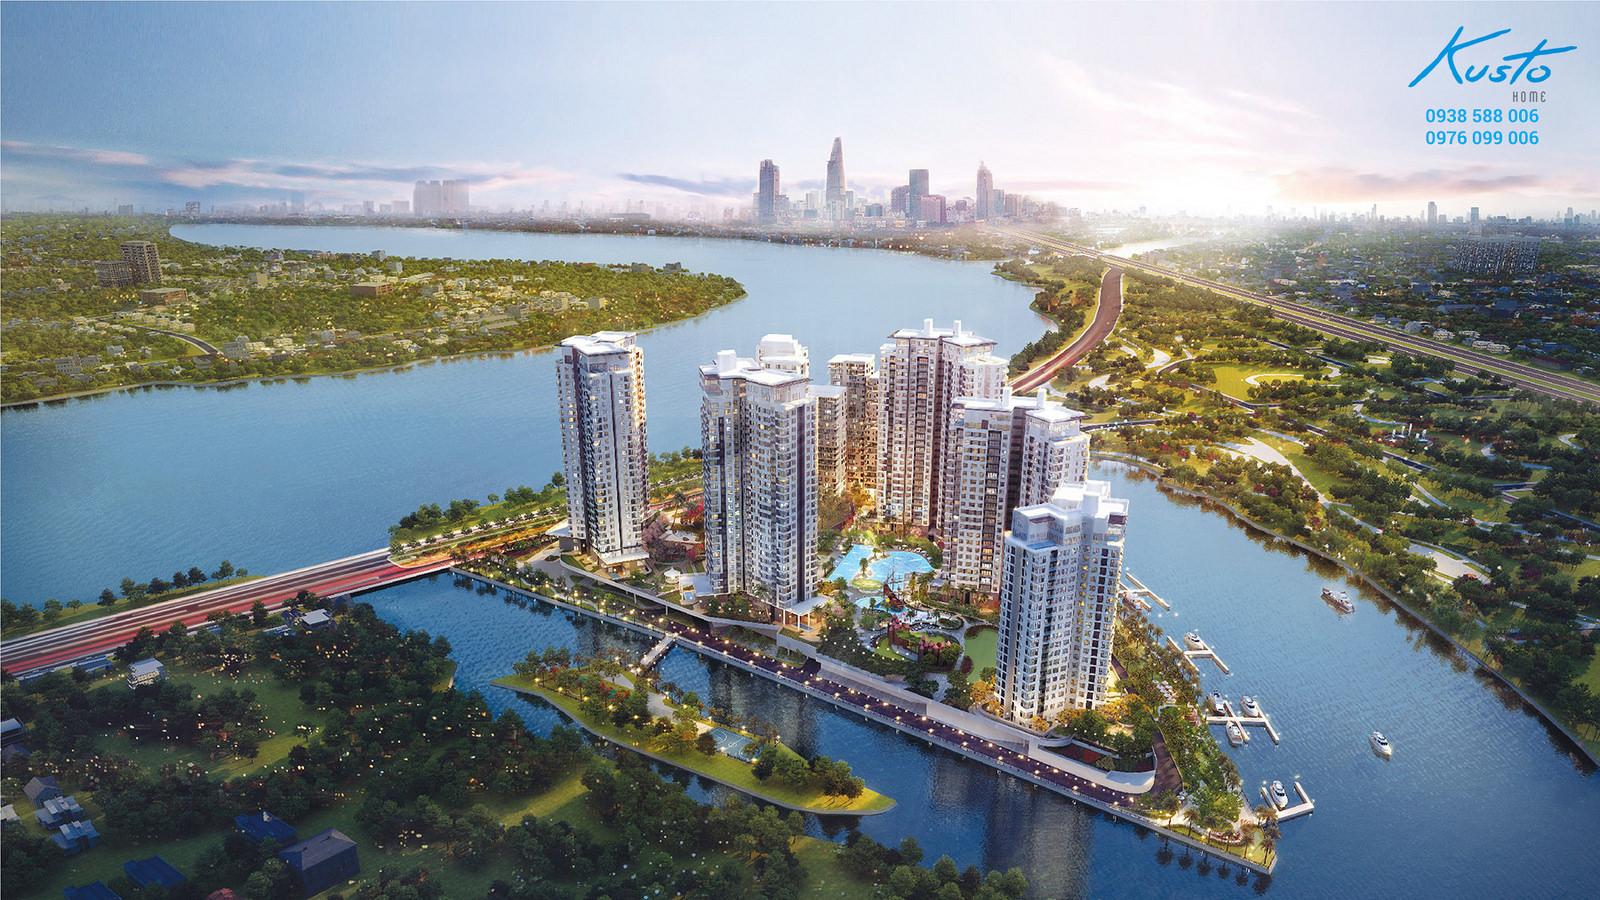 Phối cảnh tổng thể dự án căn hộ Đảo Kim Cương - Diamond Island quận 2.